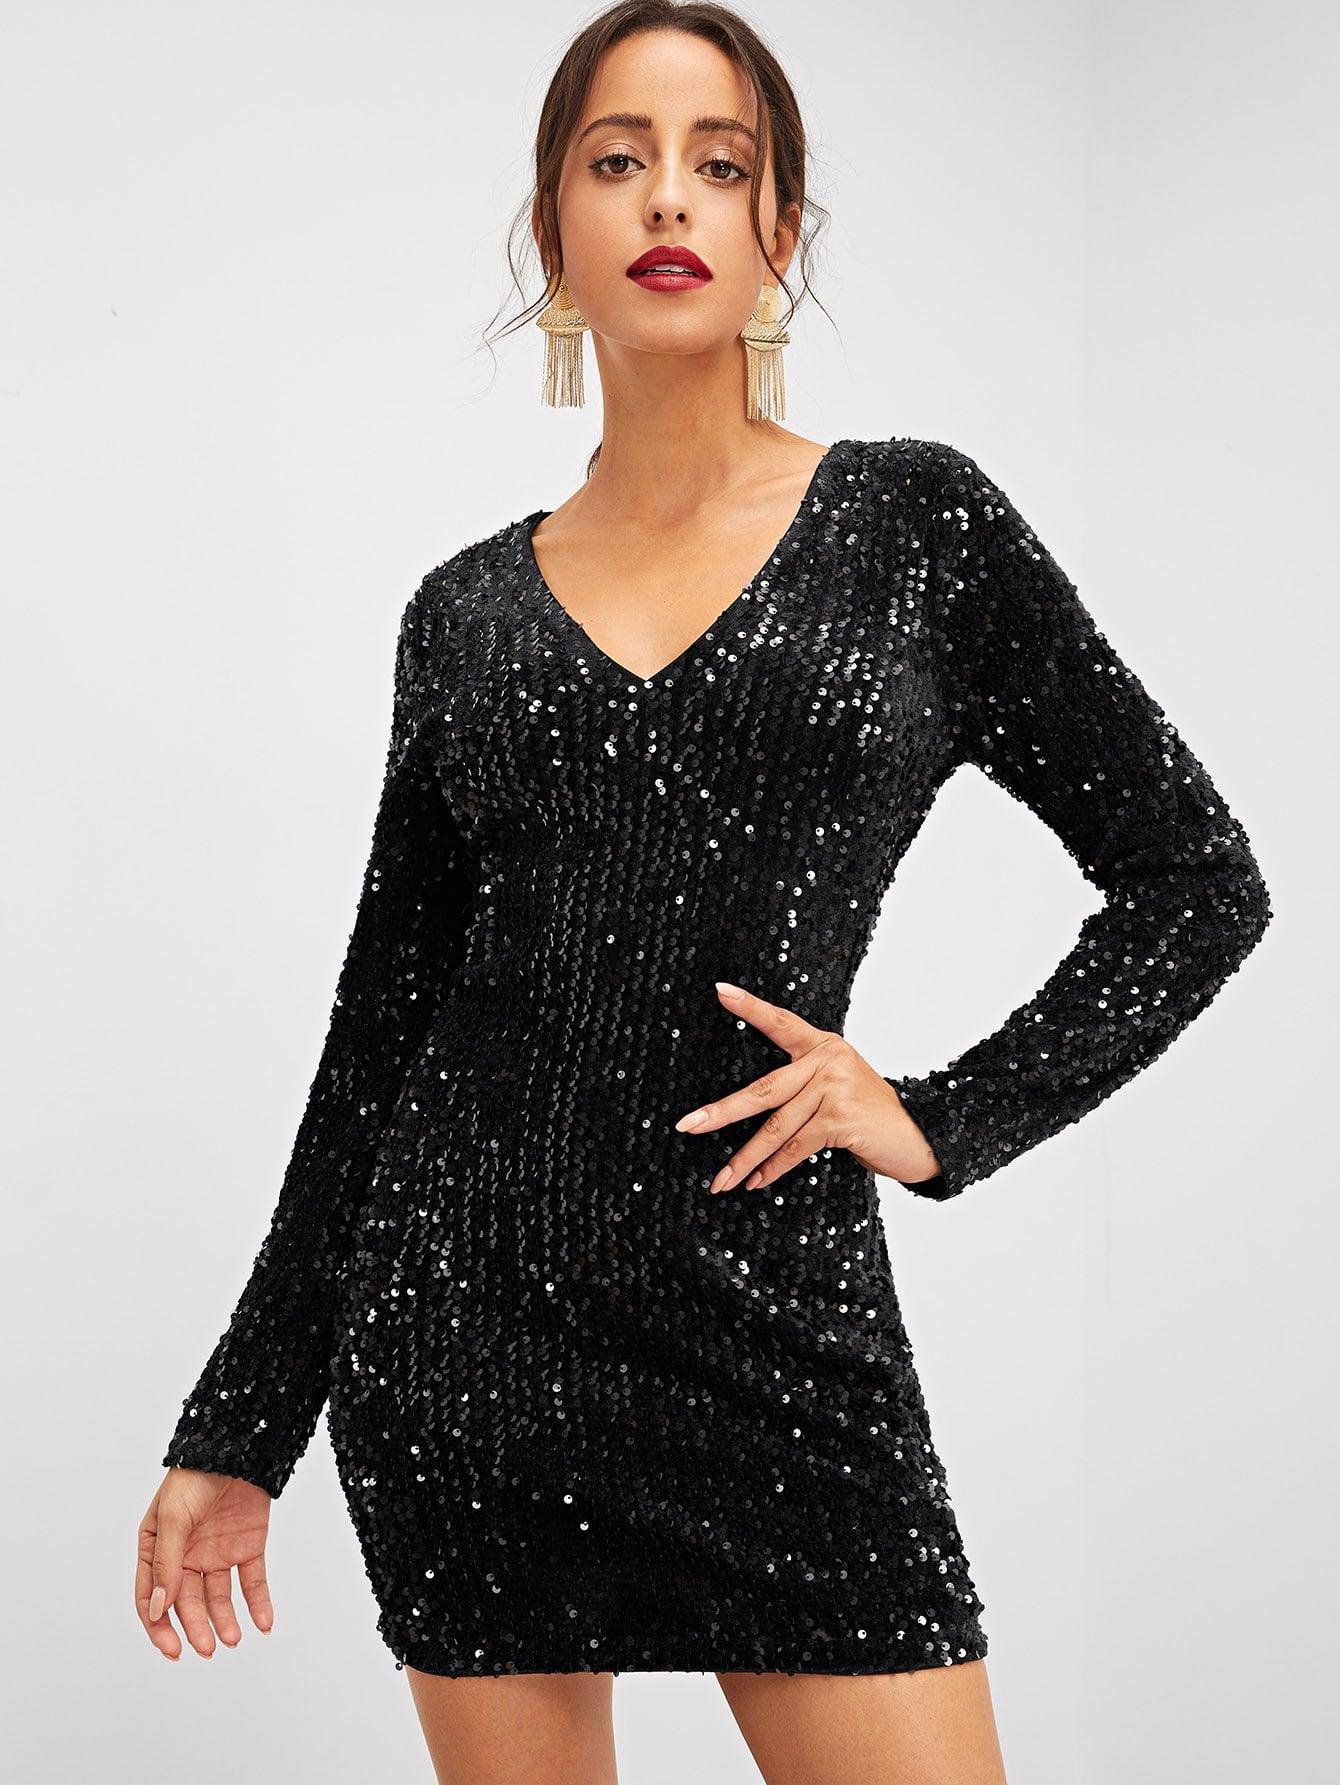 Купить Облегающее платье со блестками с v-образным вырезом, Mary P., SheIn